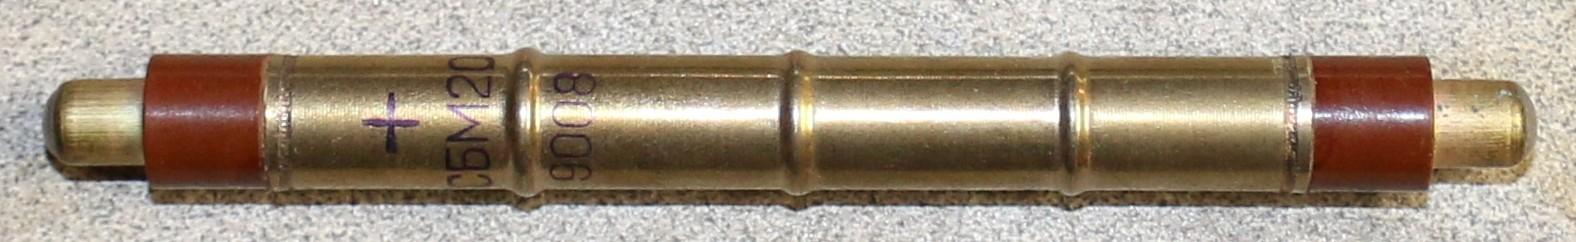 Tubes Geiger-Müller type SBM-20, STS-5 et BOI-33 Tube10